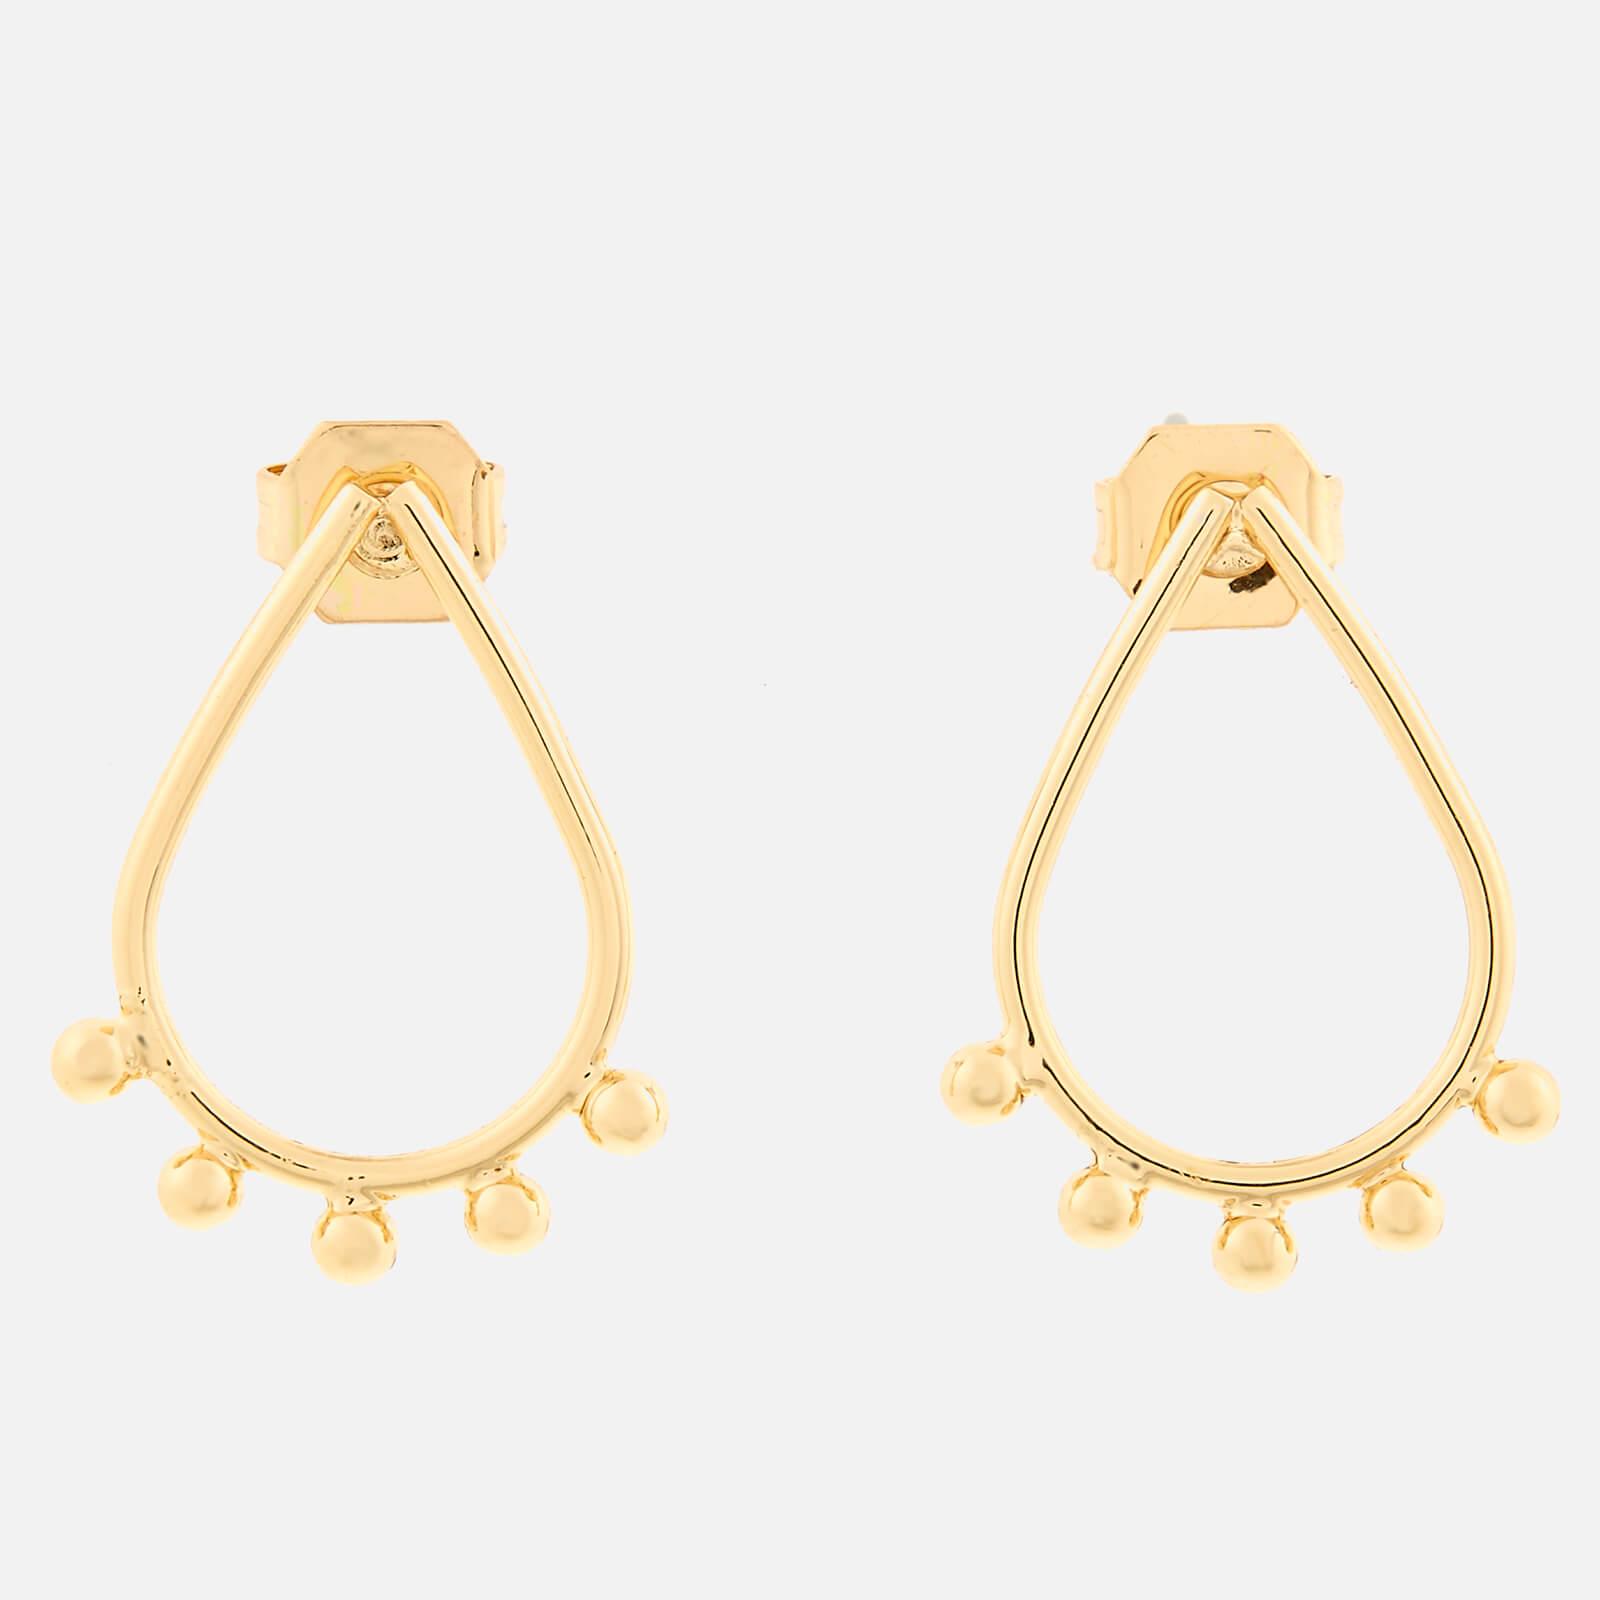 Whistles Women's Teardrop Stud Earrings - Gold